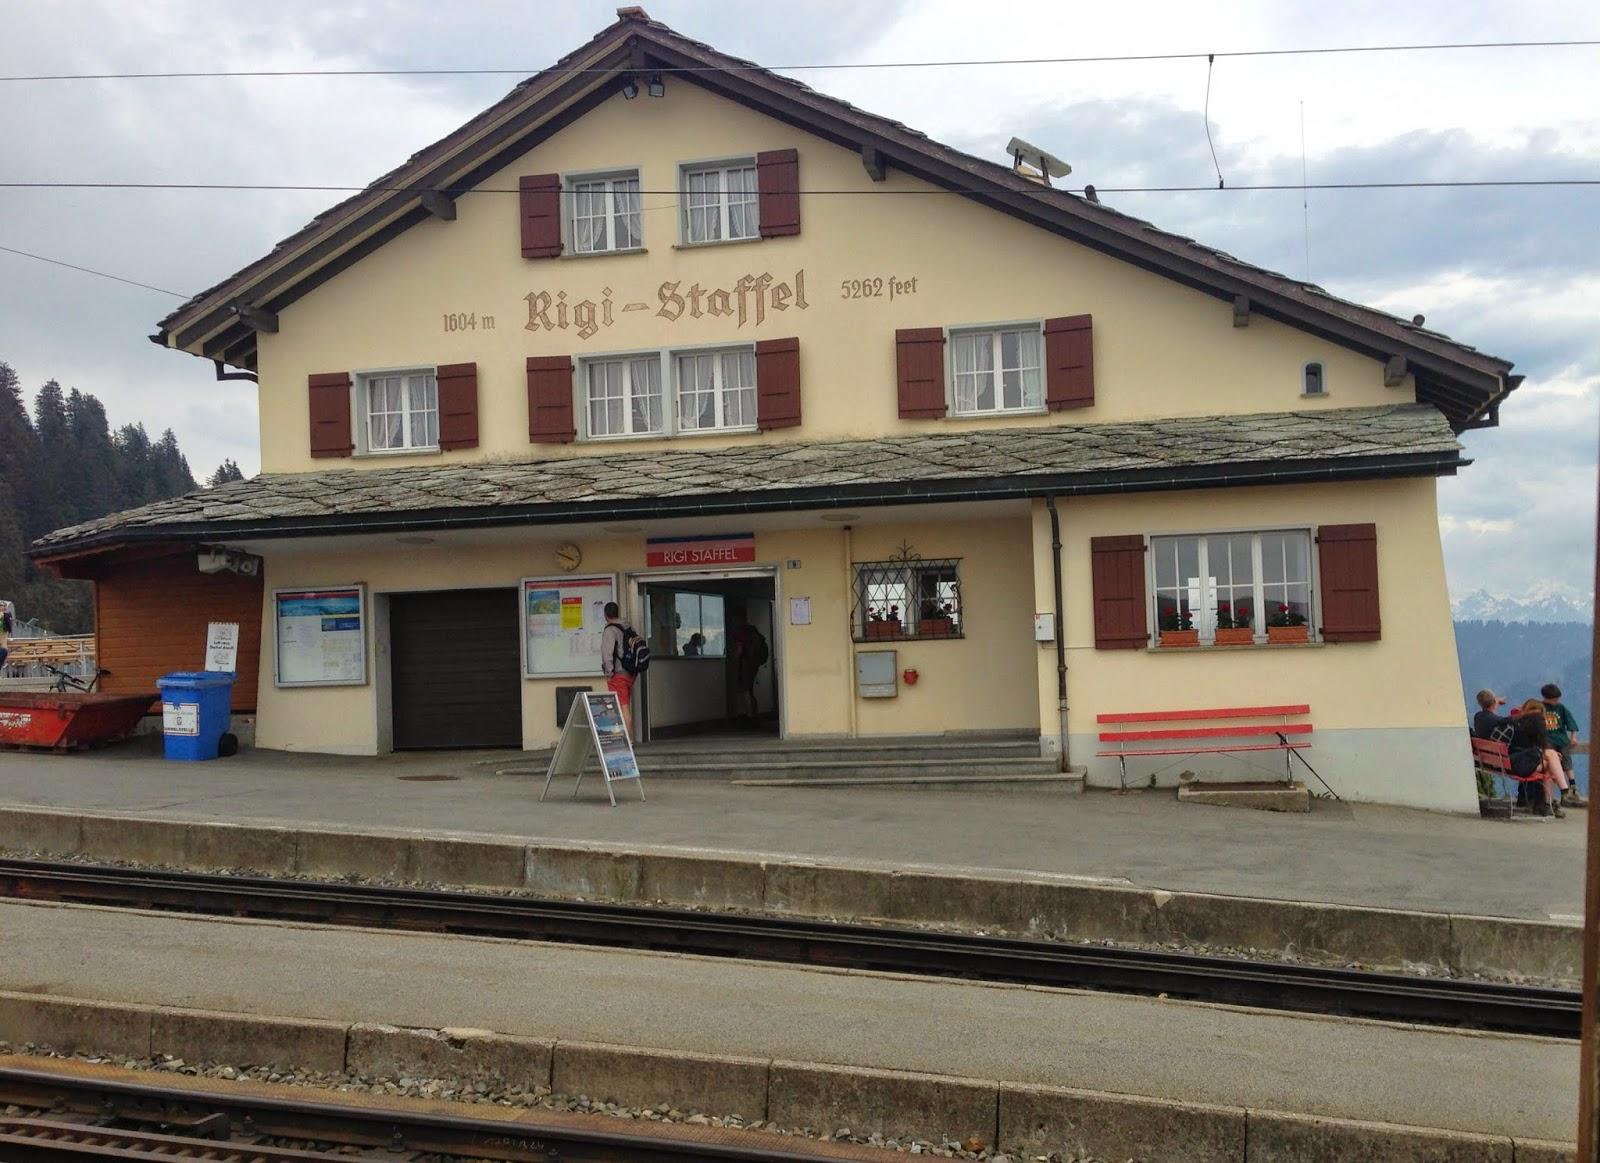 mt.rigi day trip from lucerne